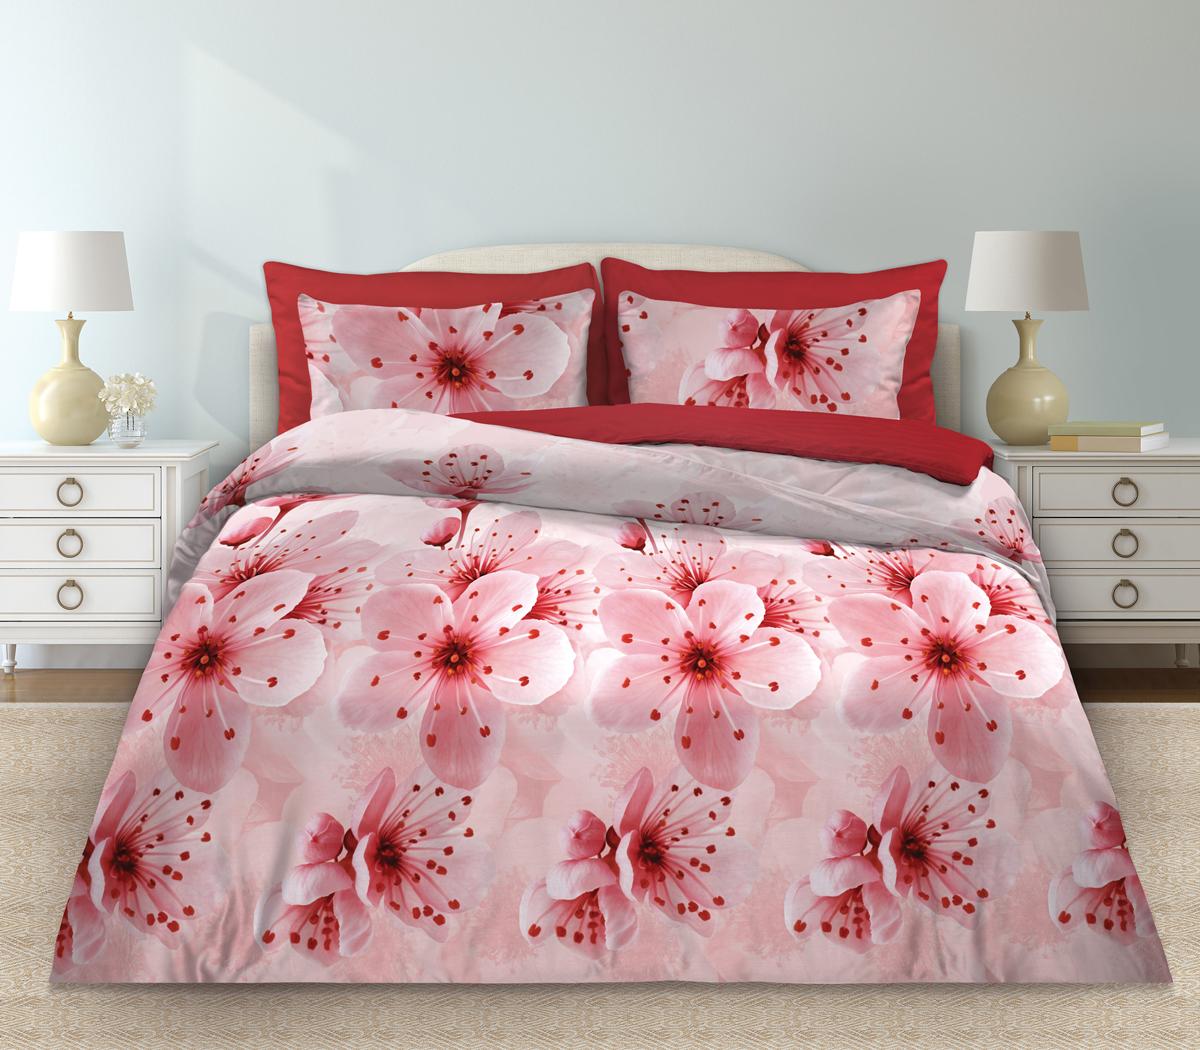 Комплект белья Любимый дом Мелодия, 2-х спальное, наволочки 70 х 70, цвет: розовый. 331116331116Комплект постельного белья коллекции «Любимый дом» - выполнен из высококачественной ткани из 100% хлопка. Такое белье абсолютно натуральное, гипоаллергенное, соответствует строжайшим экологическим нормам безопасности, комфортное, дышащее, не нарушает естественные процессы терморегуляции, прочное, не линяет, не деформируется и не теряет своих красок даже после многочисленных стирок, а также отличается хорошей износостойкостью.